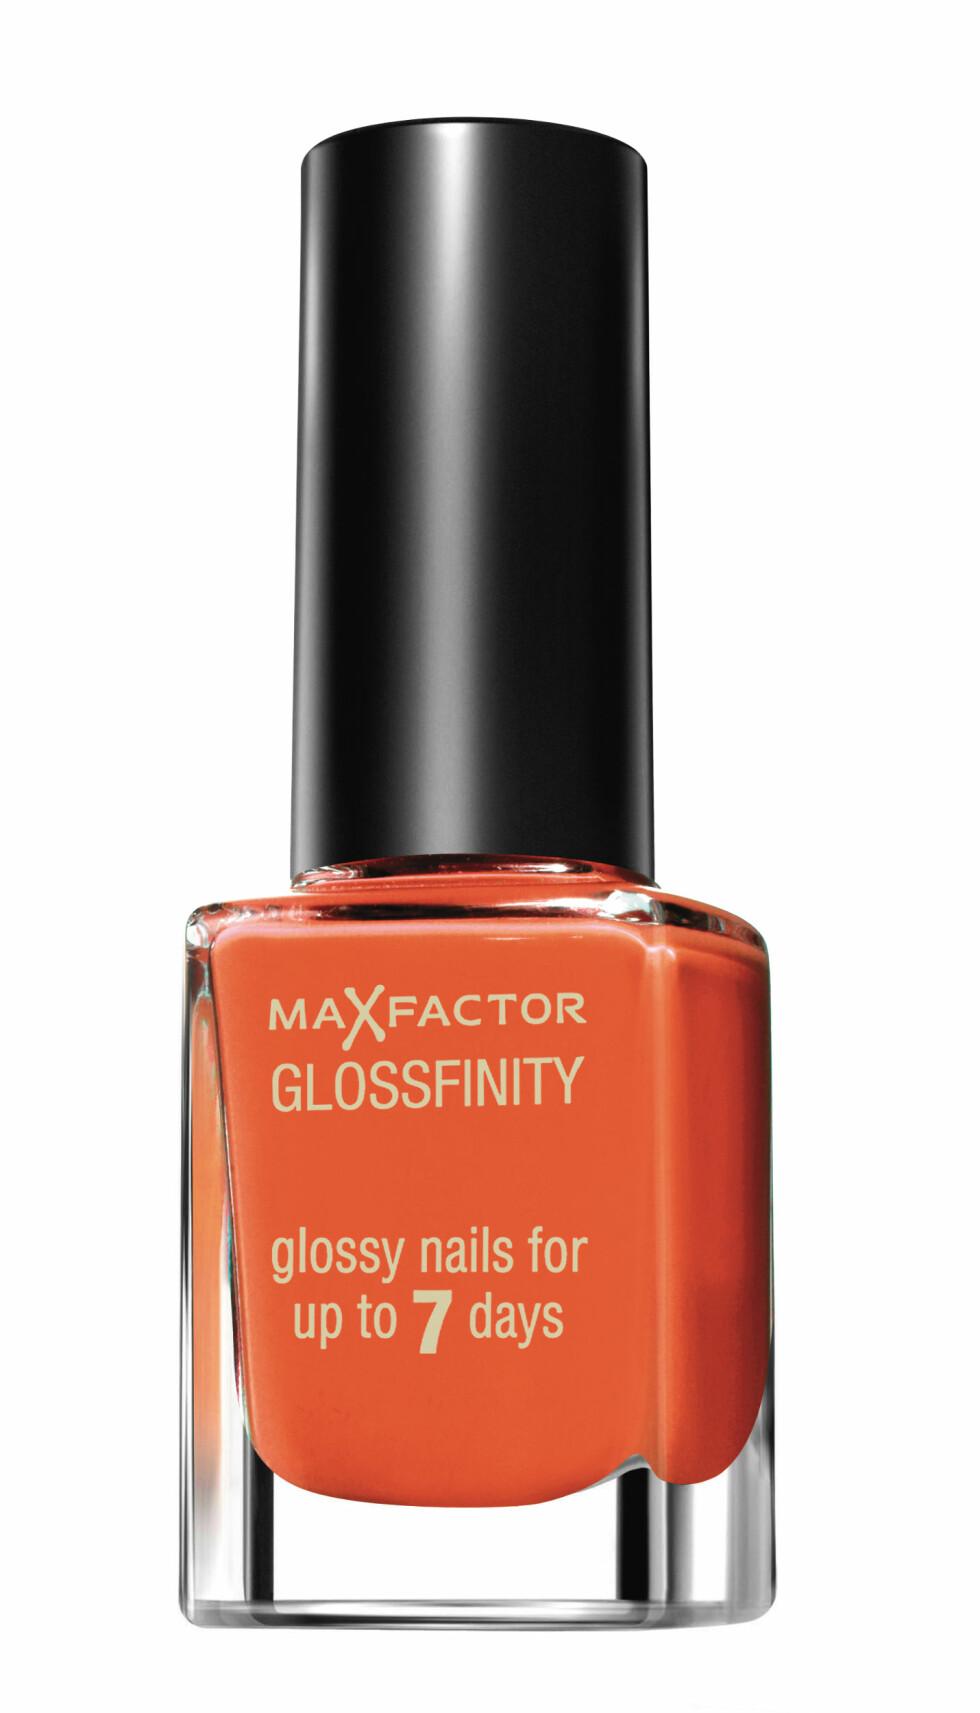 Sunset Orange fra Max Factor Glossfinity, kr 99.